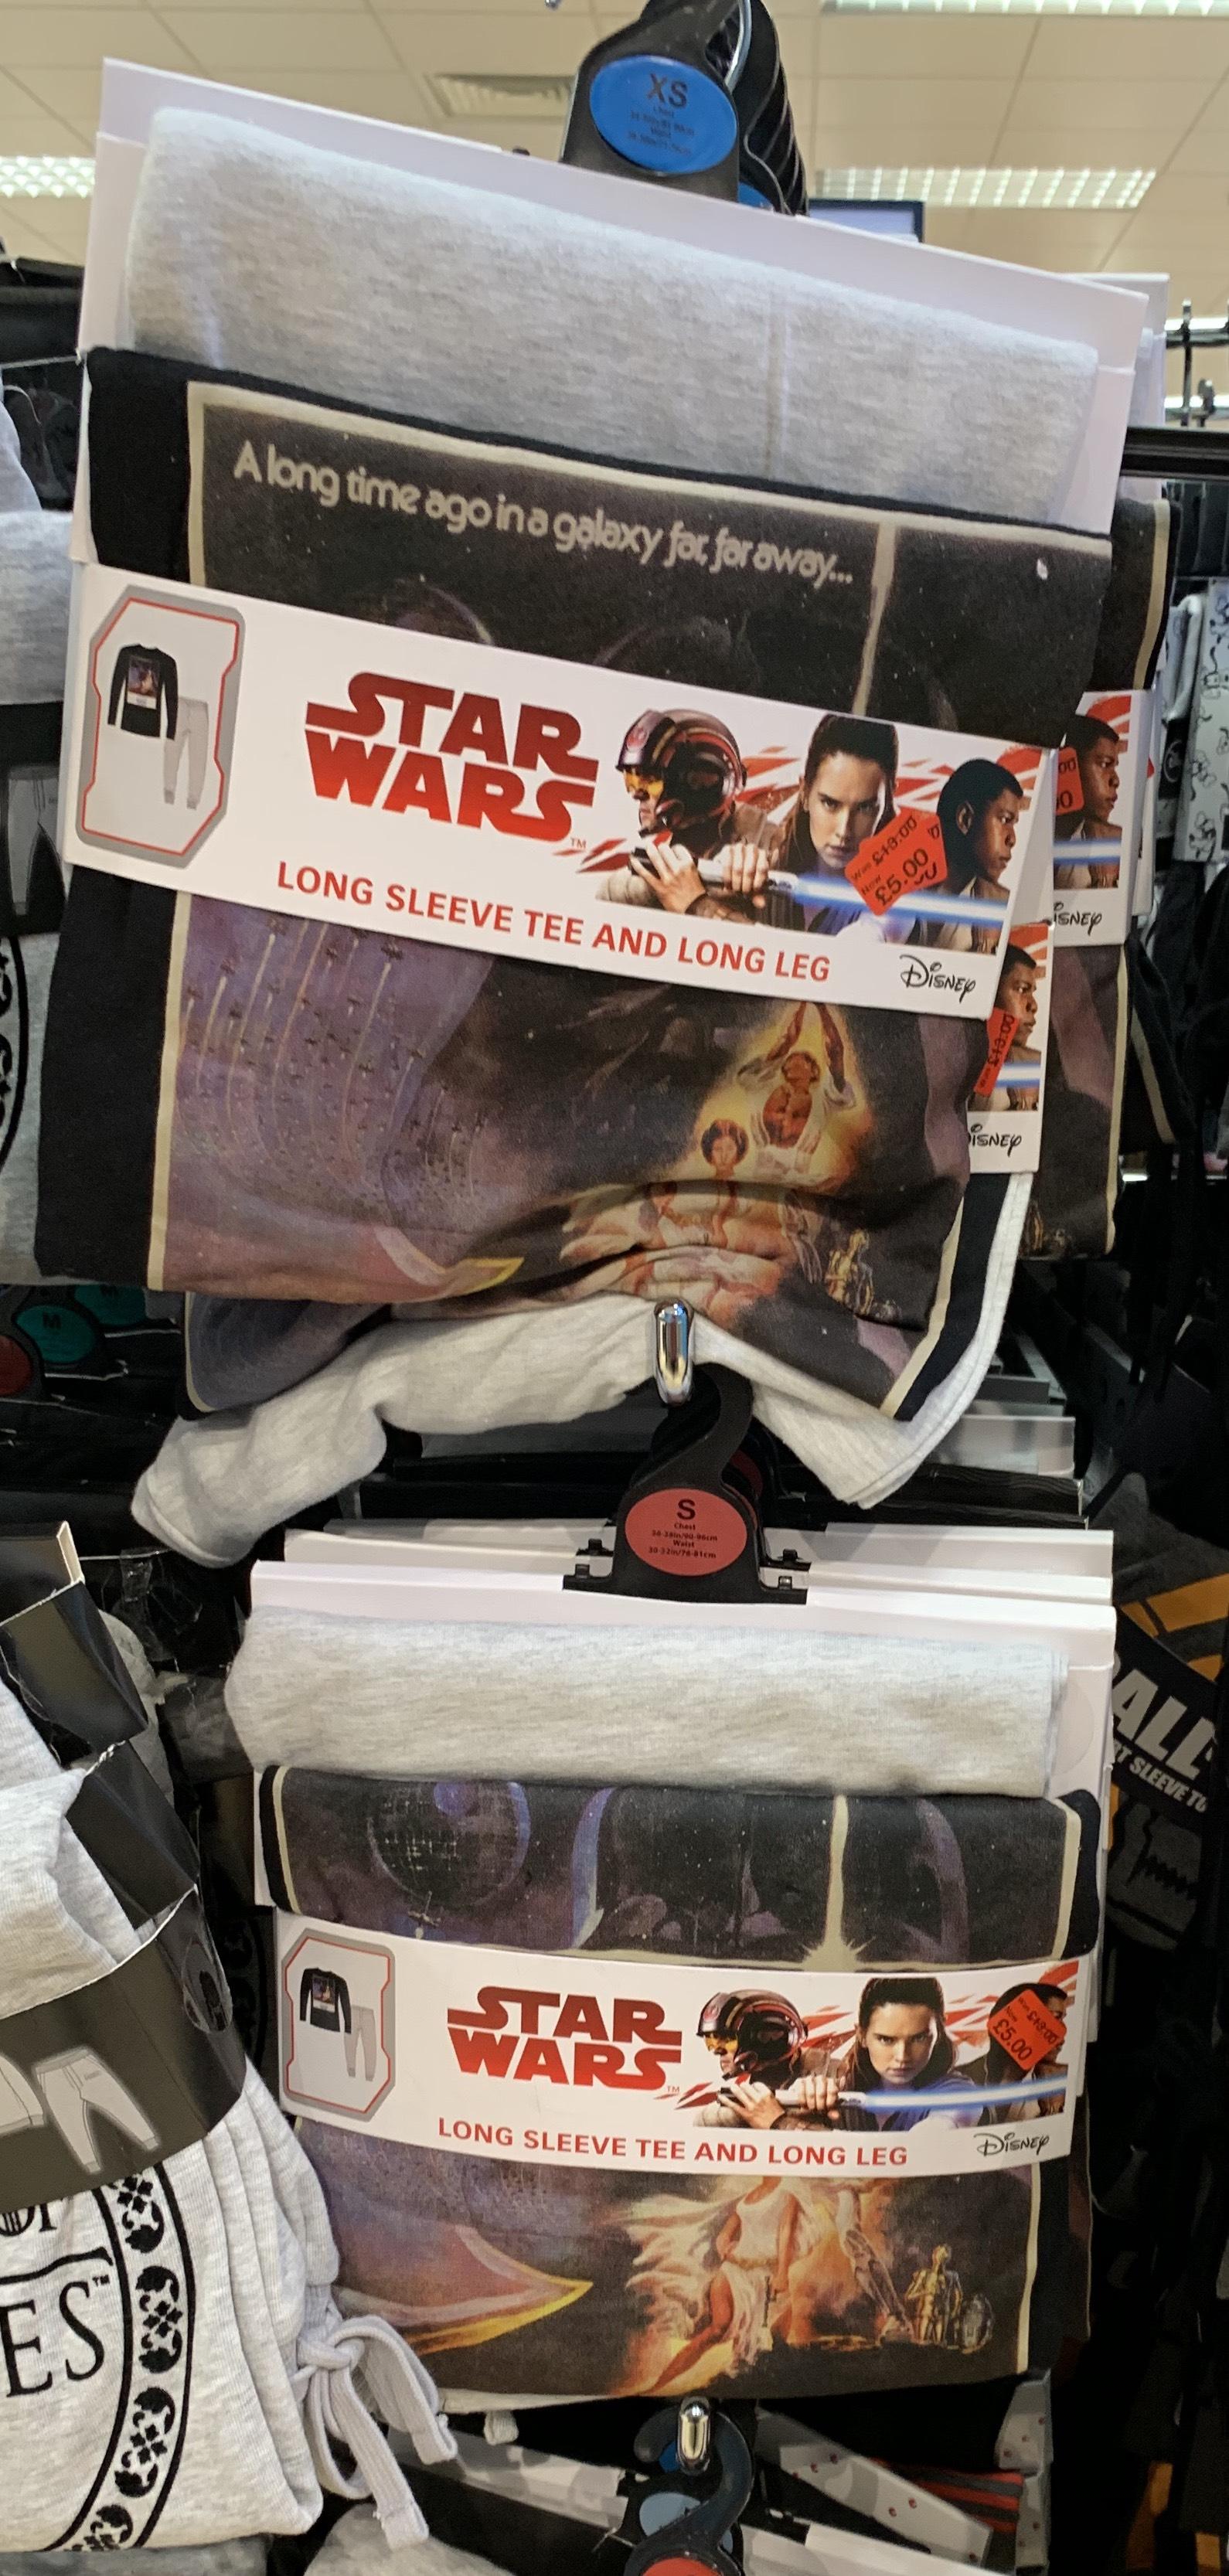 Stars Wars long sleeve pyjama set £5 (was £13) @ Primark in store